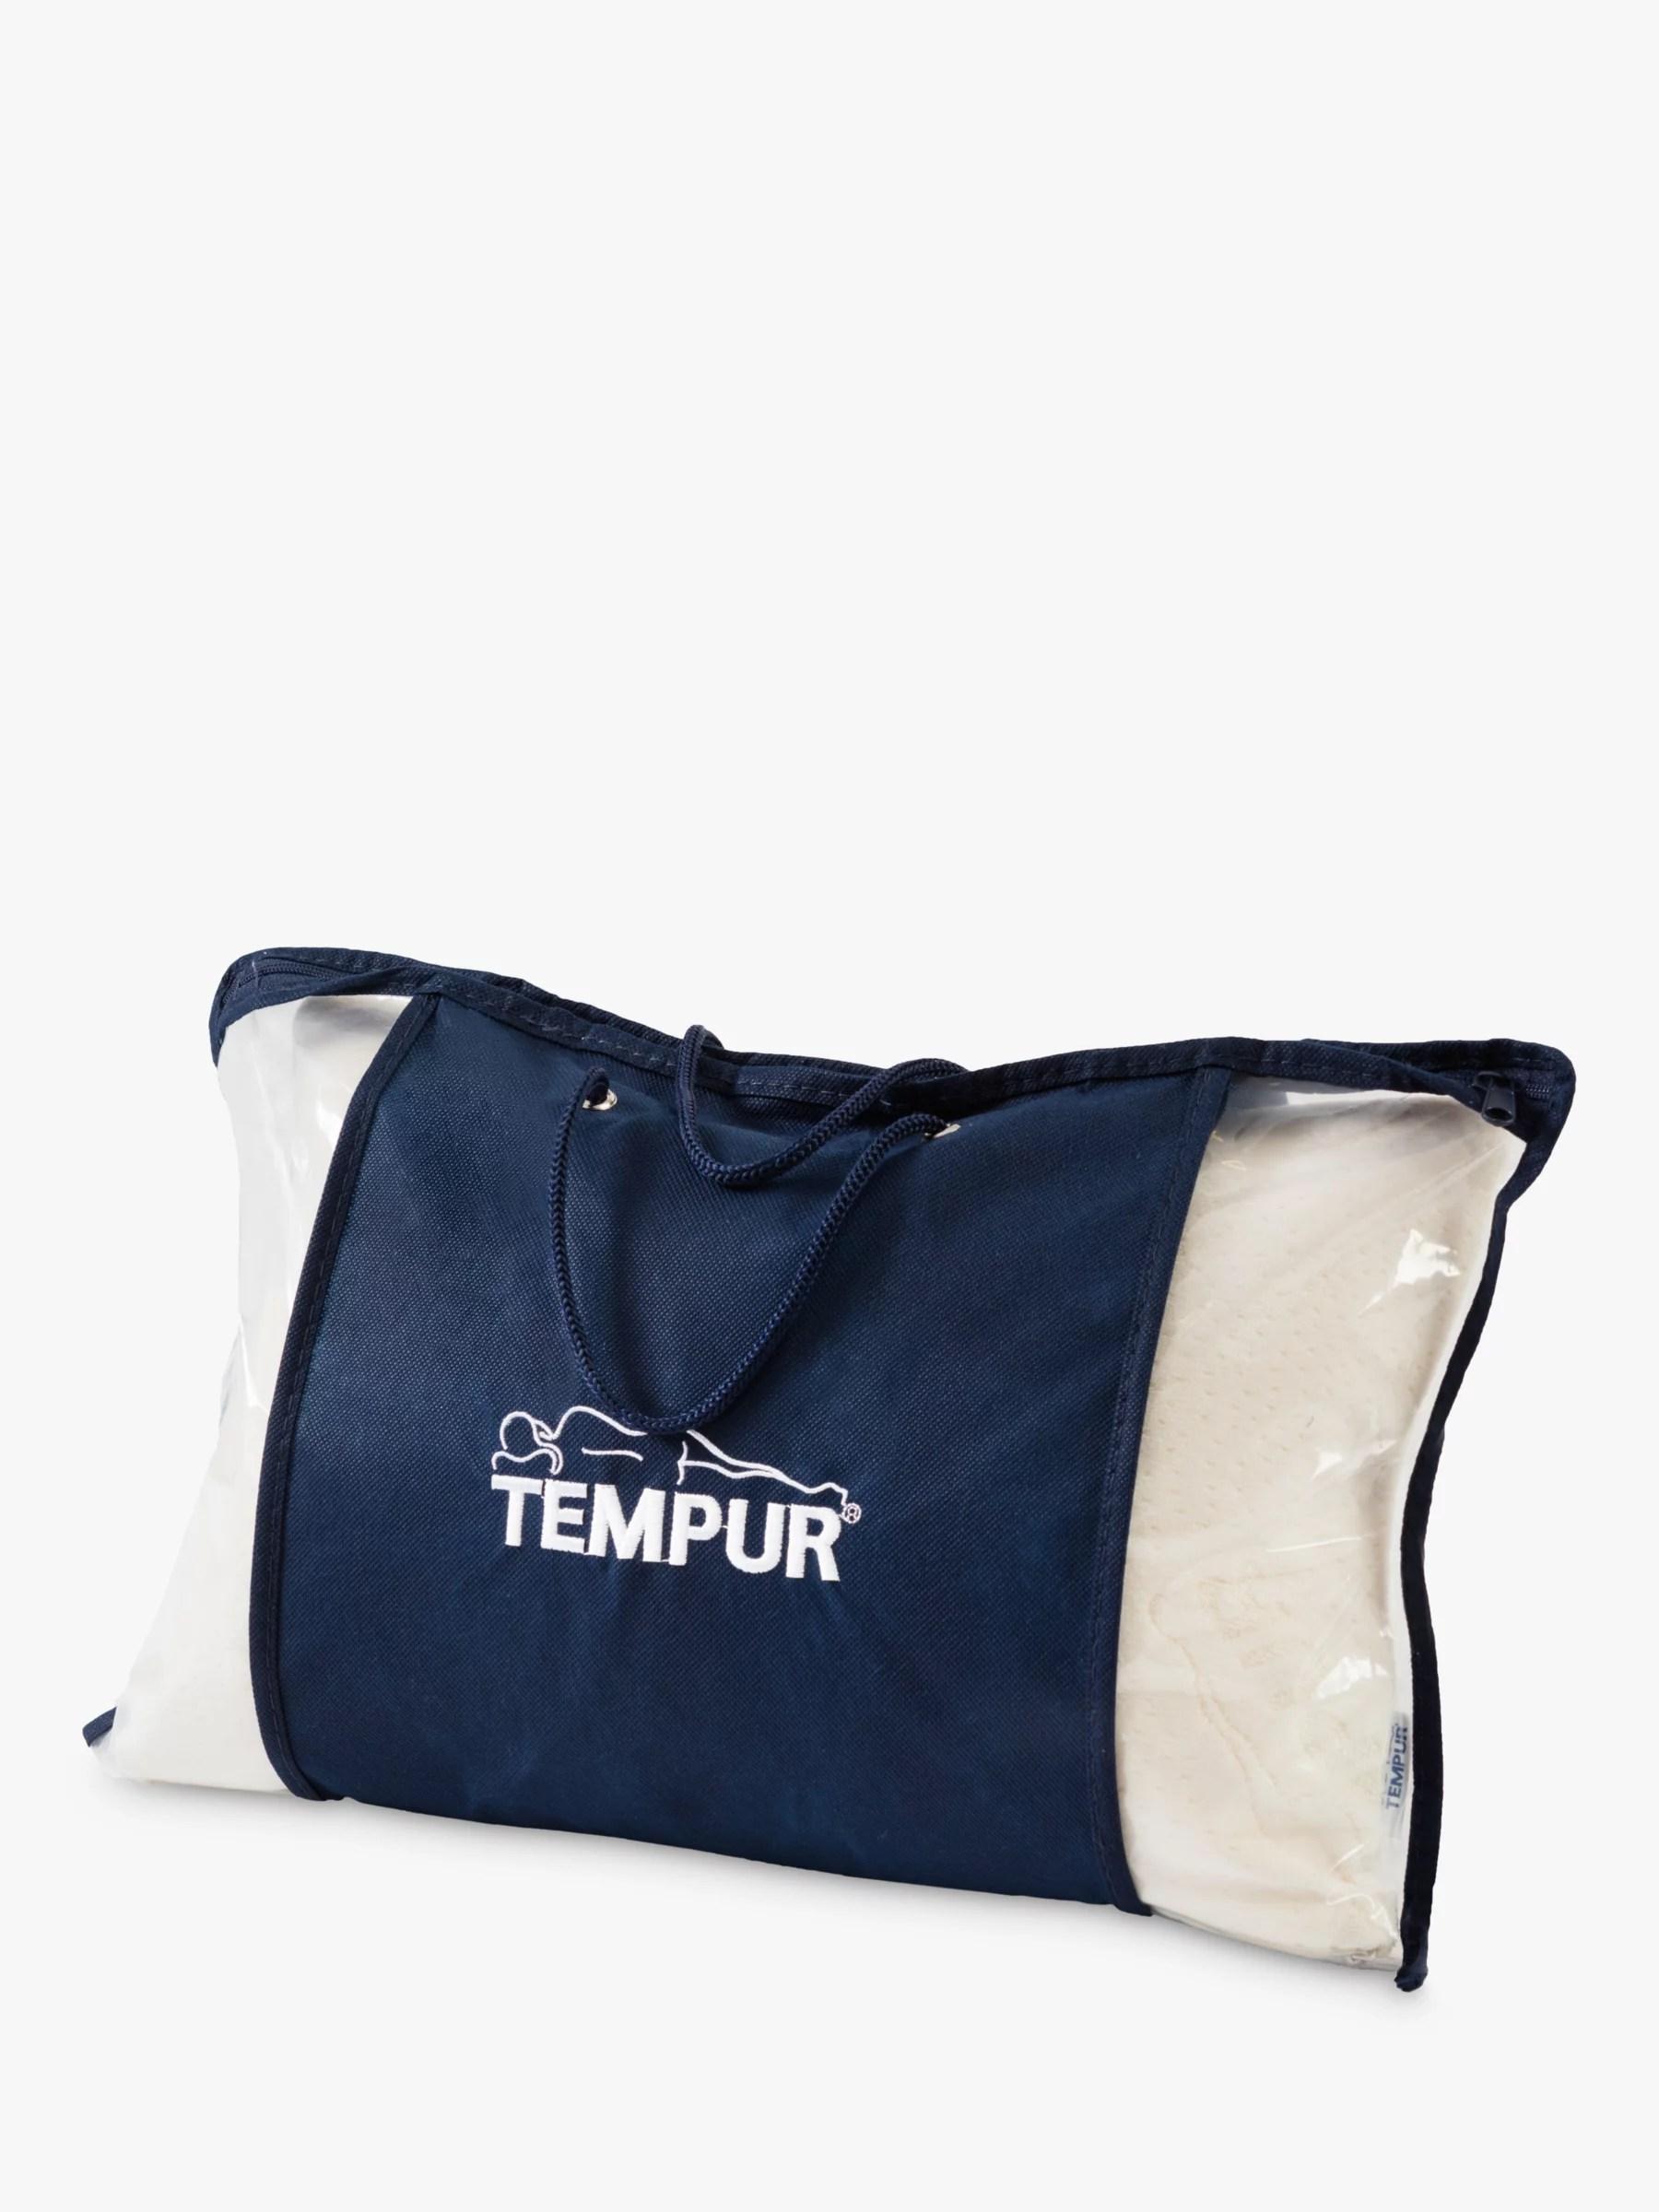 tempur comfort travel pillow medium firm